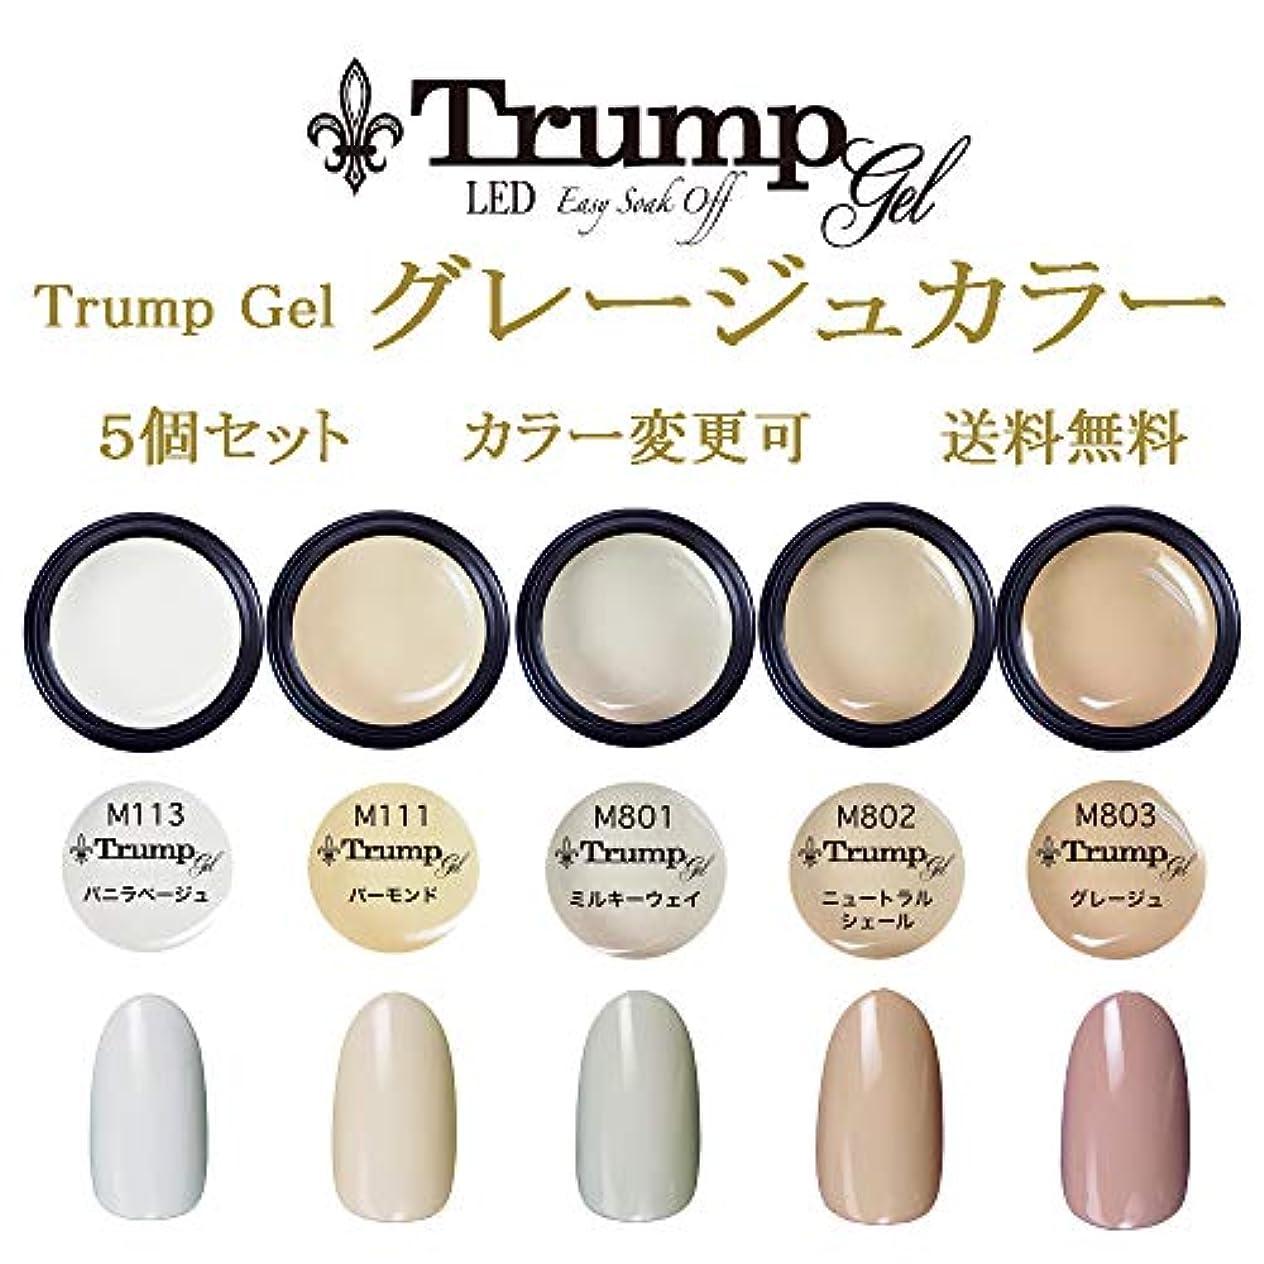 怠画像徹底日本製 Trump gel トランプジェル グレージュカラー 選べる カラージェル 5個セット ホワイト ベージュ ピンク スモーク